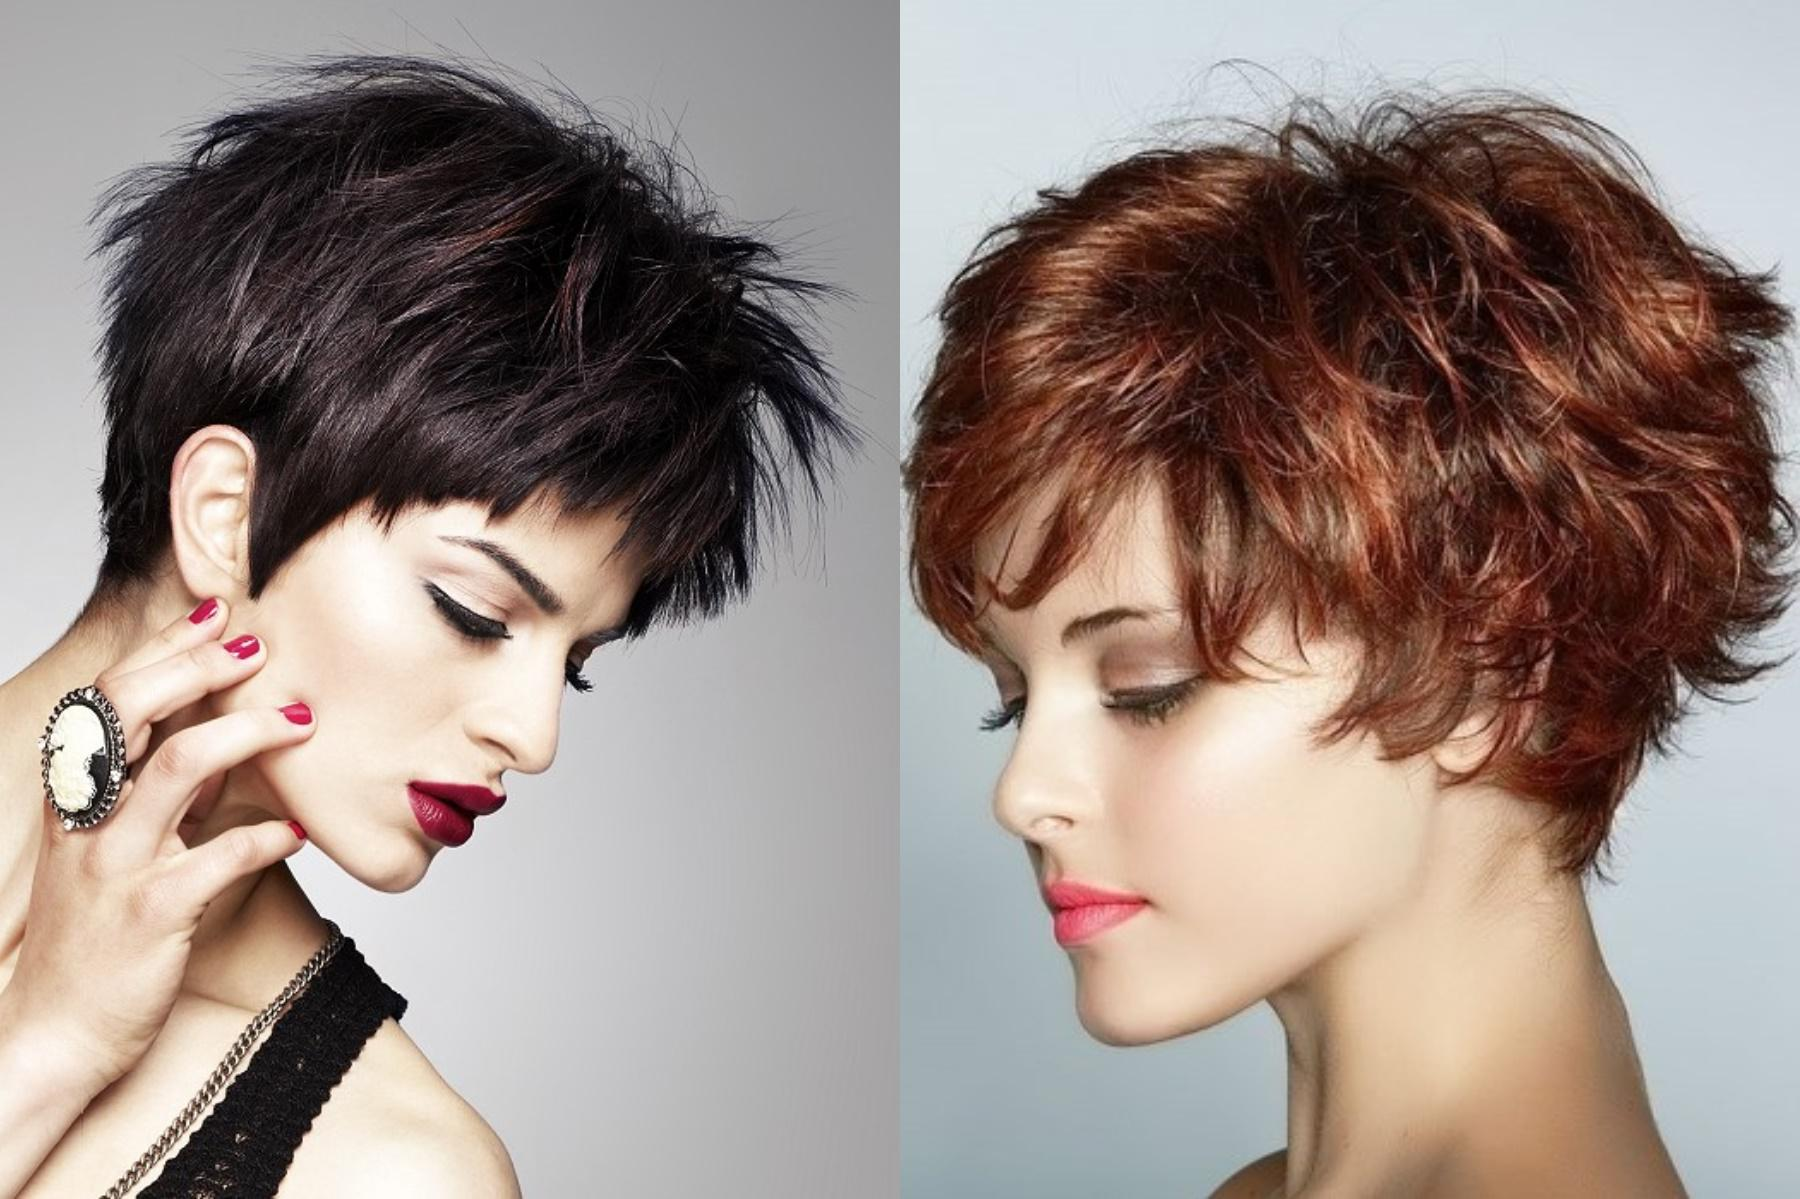 image63-1 | Модные женские стрижки на короткие волосы: основные правила и варианты исполнения